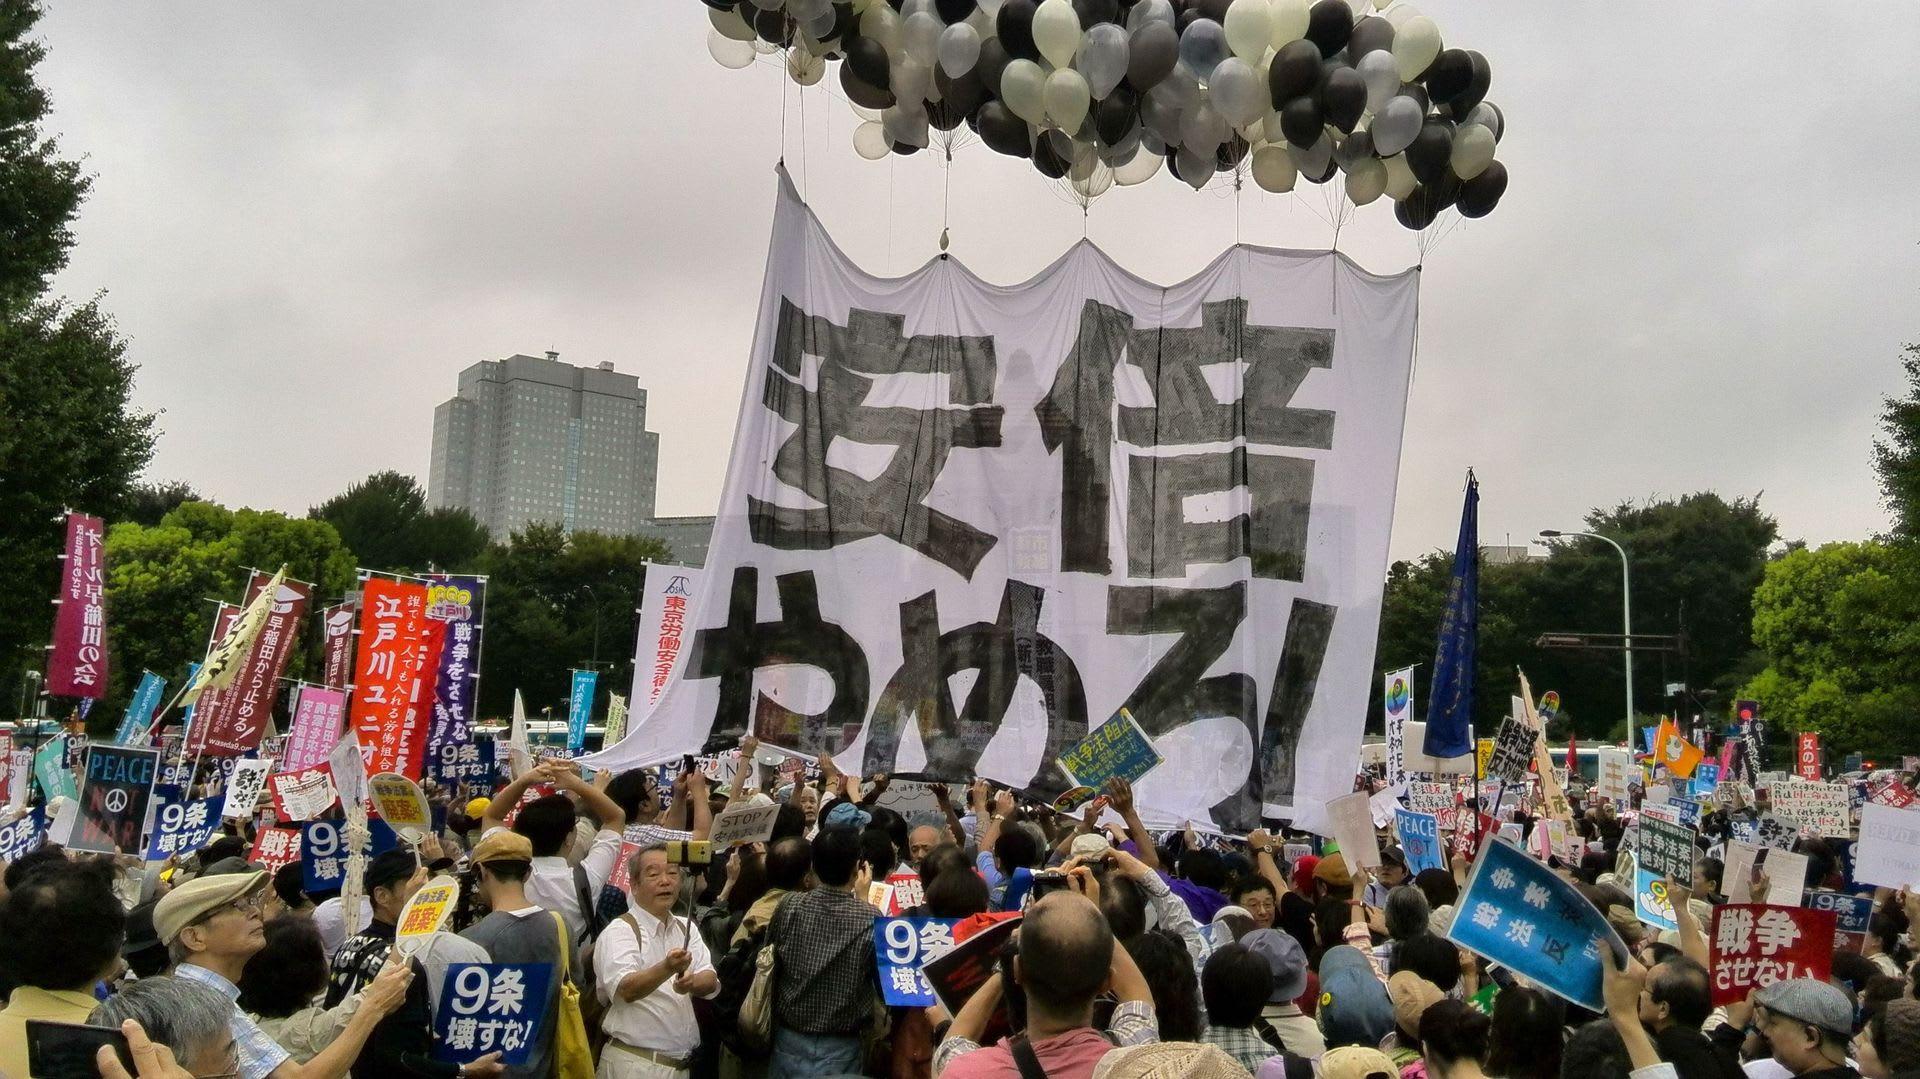 8月30日国会前デモの後で(あら...